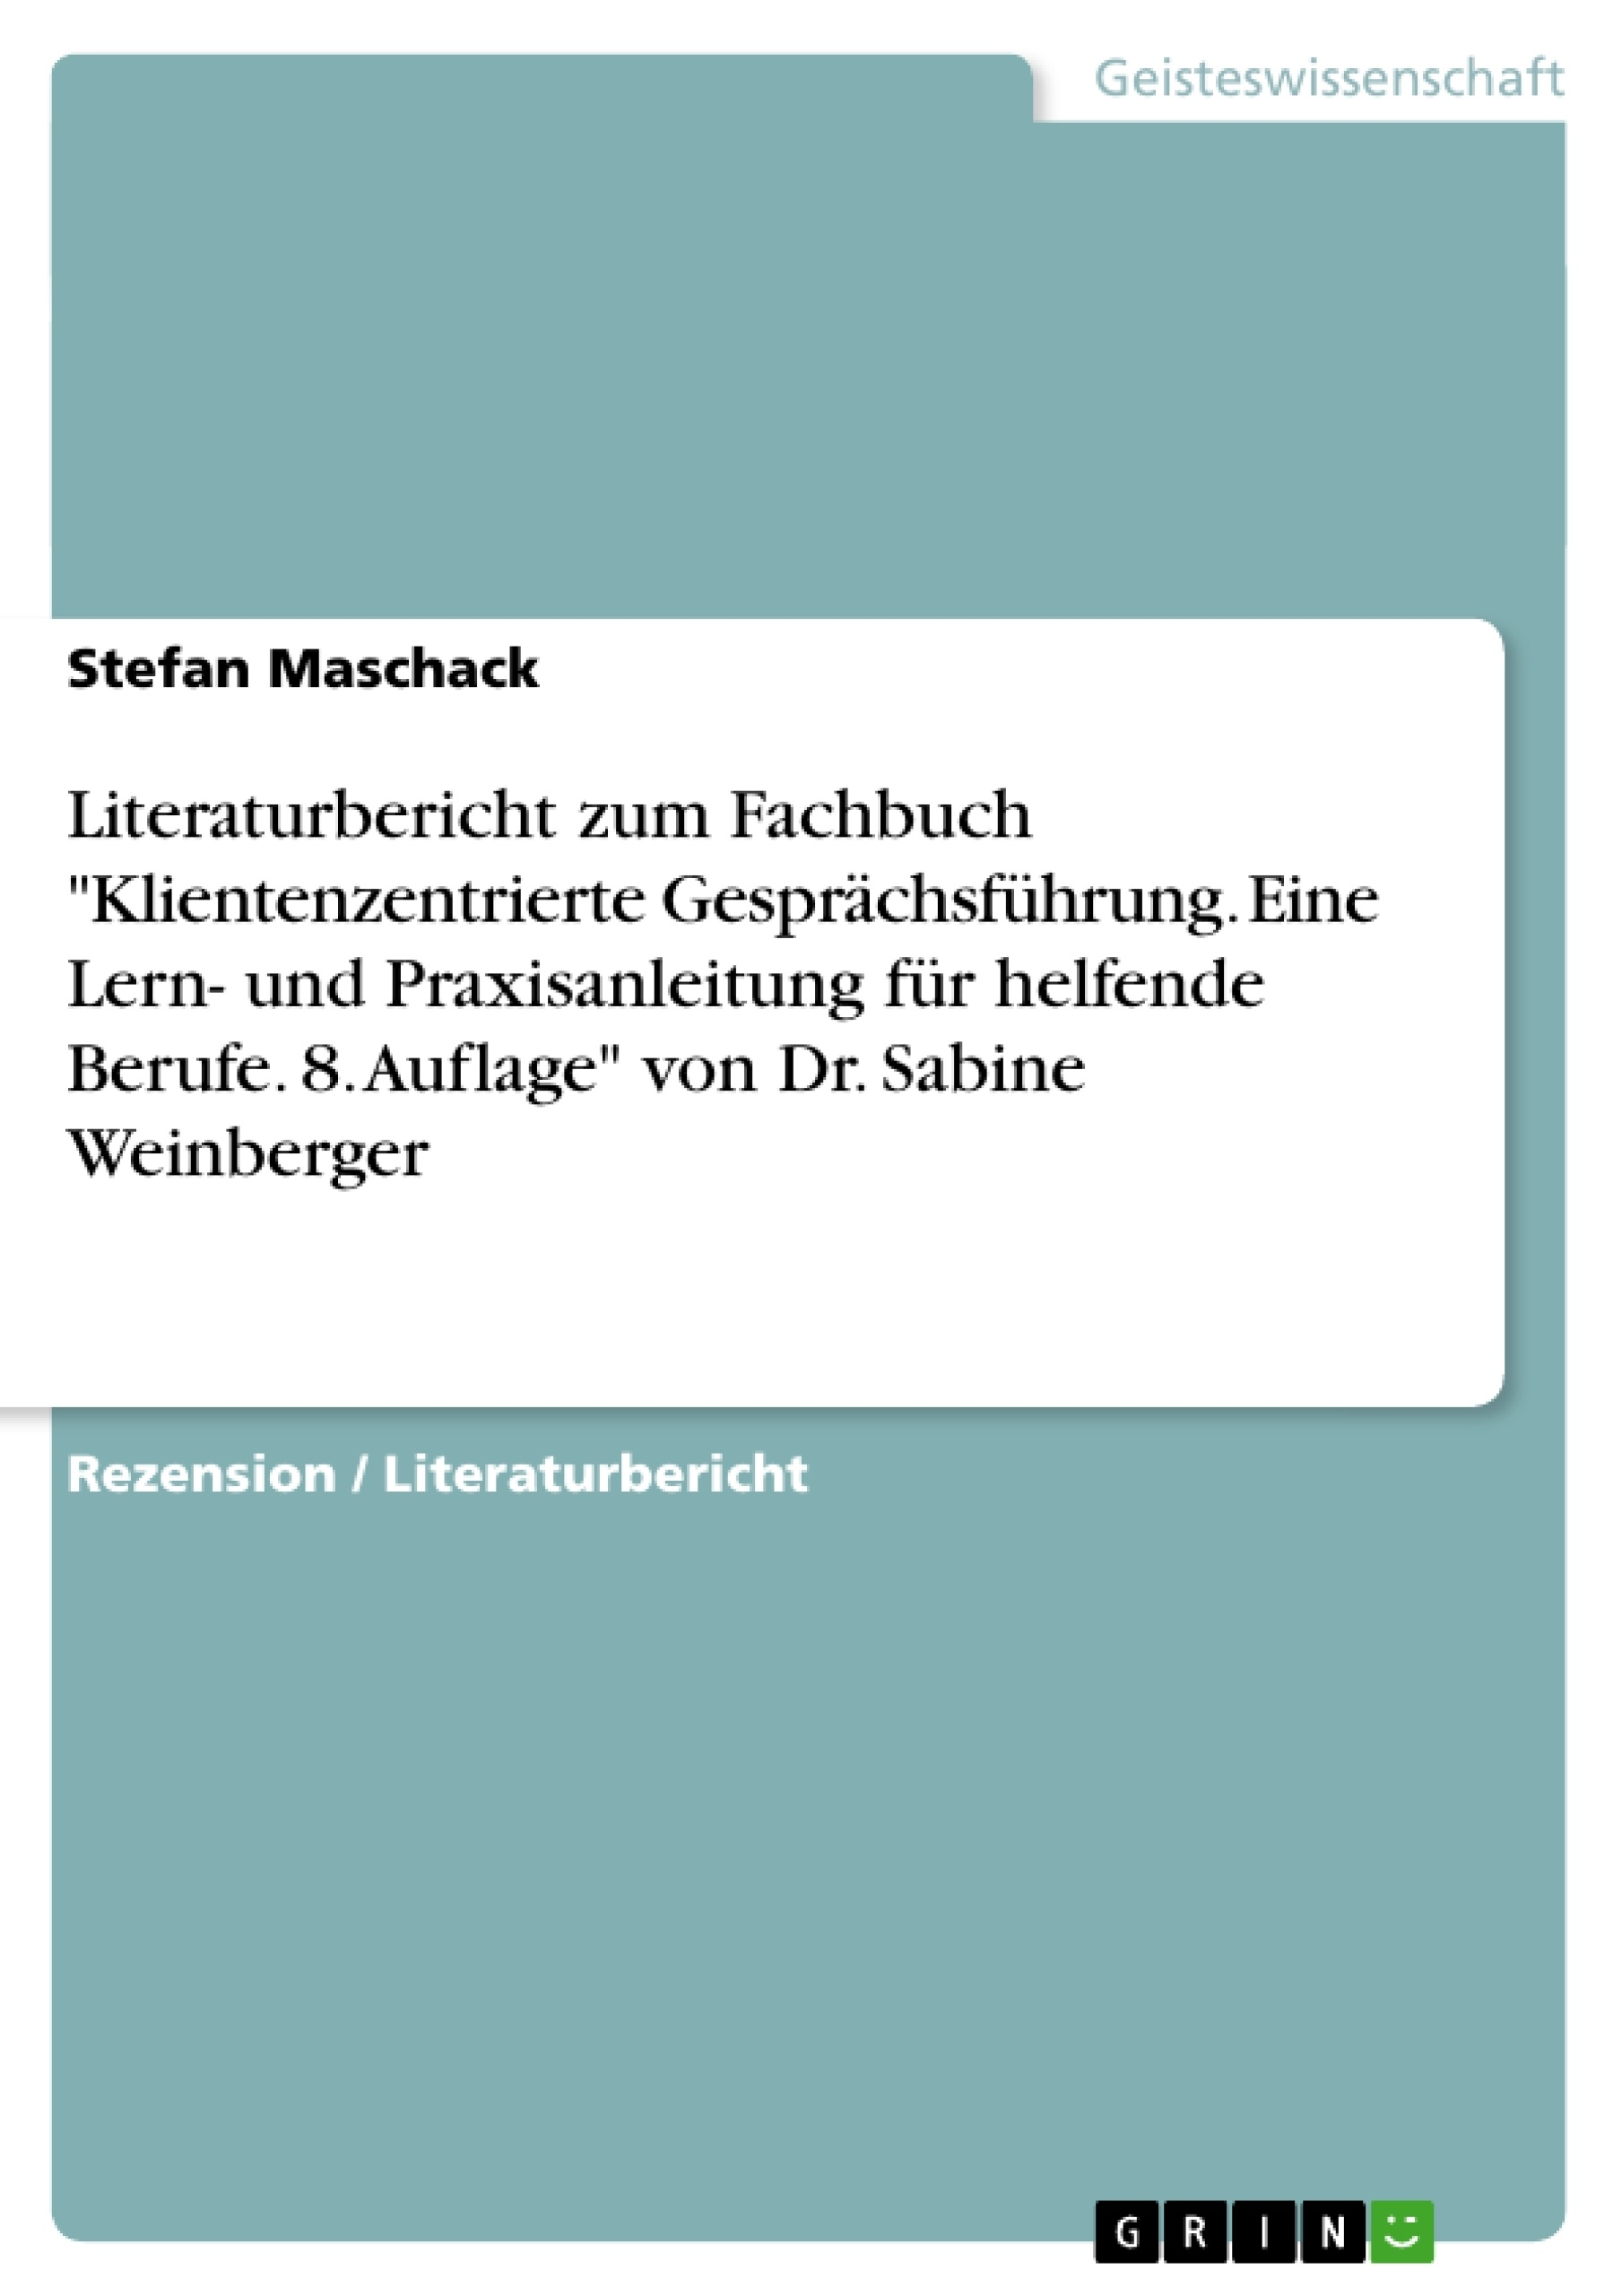 """Titel: Literaturbericht zum Fachbuch """"Klientenzentrierte Gesprächsführung. Eine Lern- und Praxisanleitung für helfende Berufe. 8. Auflage"""" von Dr. Sabine Weinberger"""